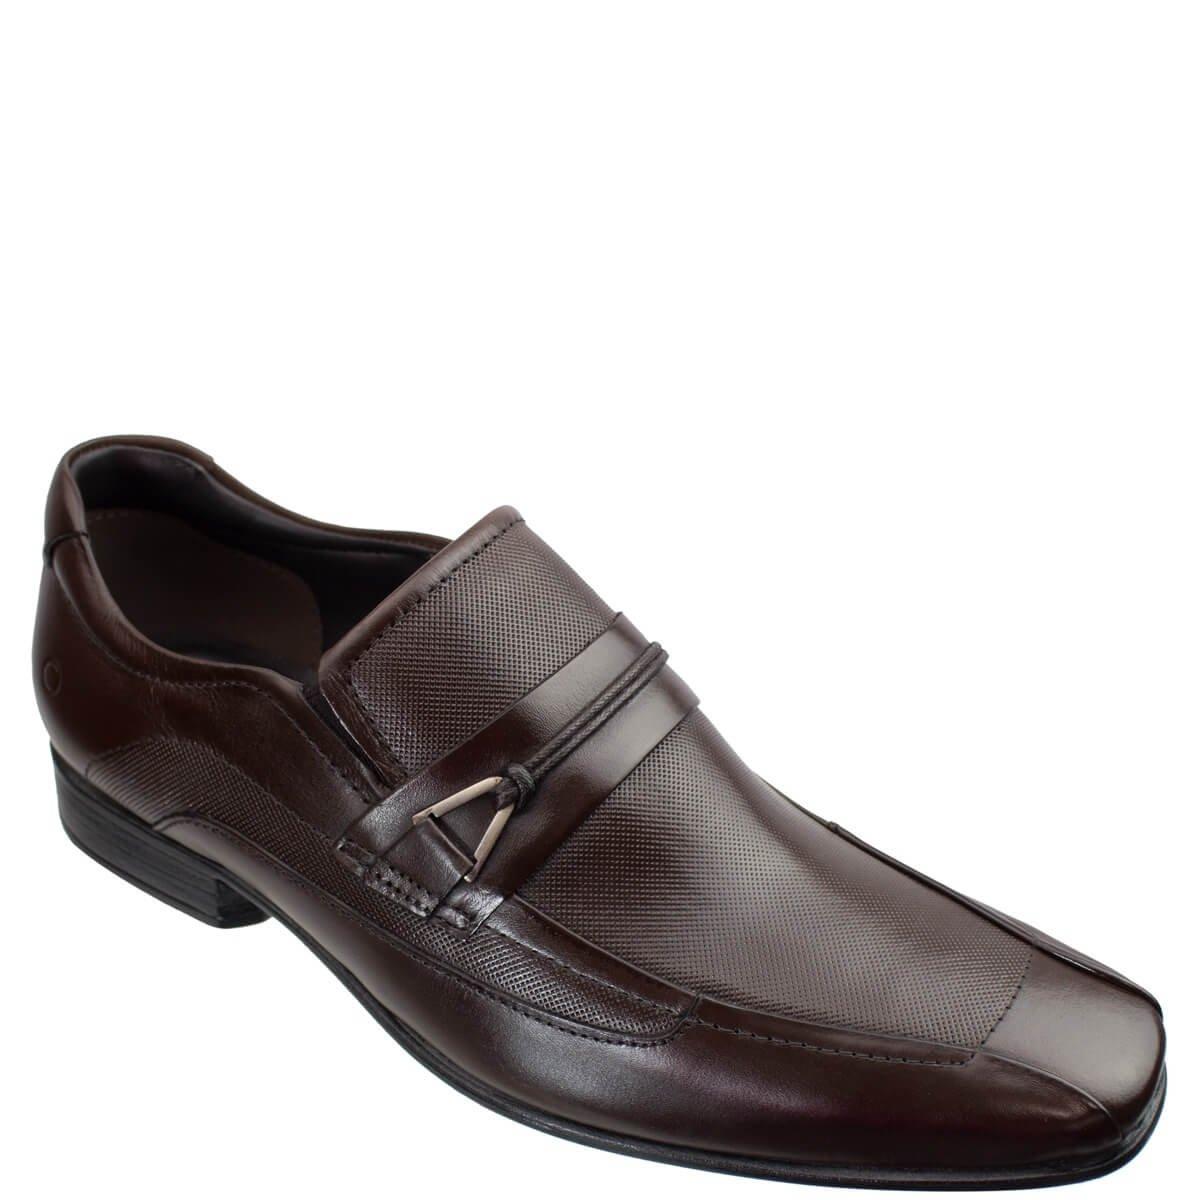 31a8bd200b Sapato Social Masculino Democrata Smart Comfort Clyde 131111-002 - Mahogany